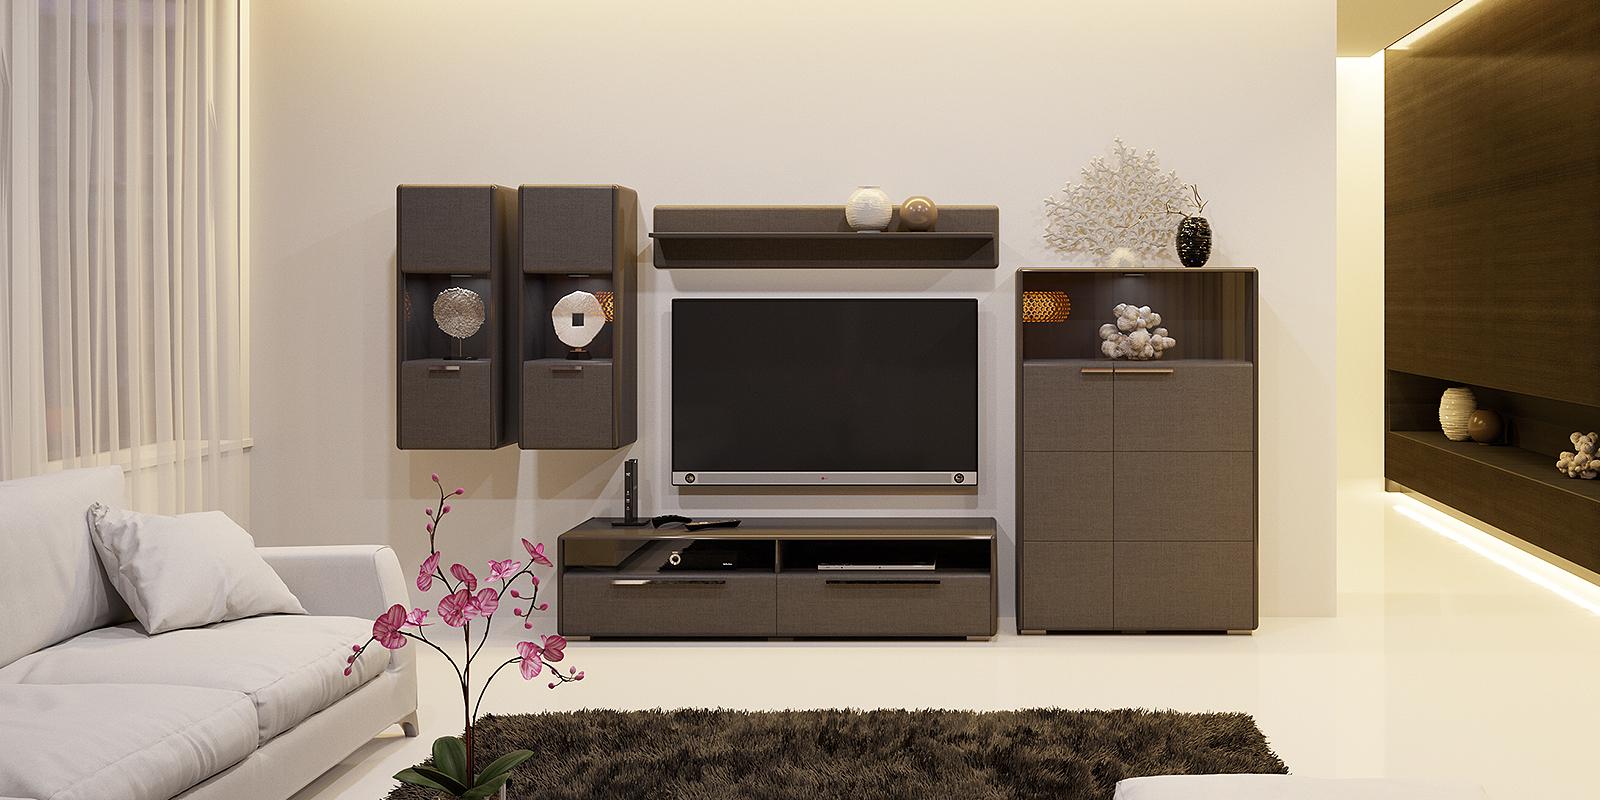 Модульная система Сорренто вариант №4 (серый/коричневый) от HomeMe.ru